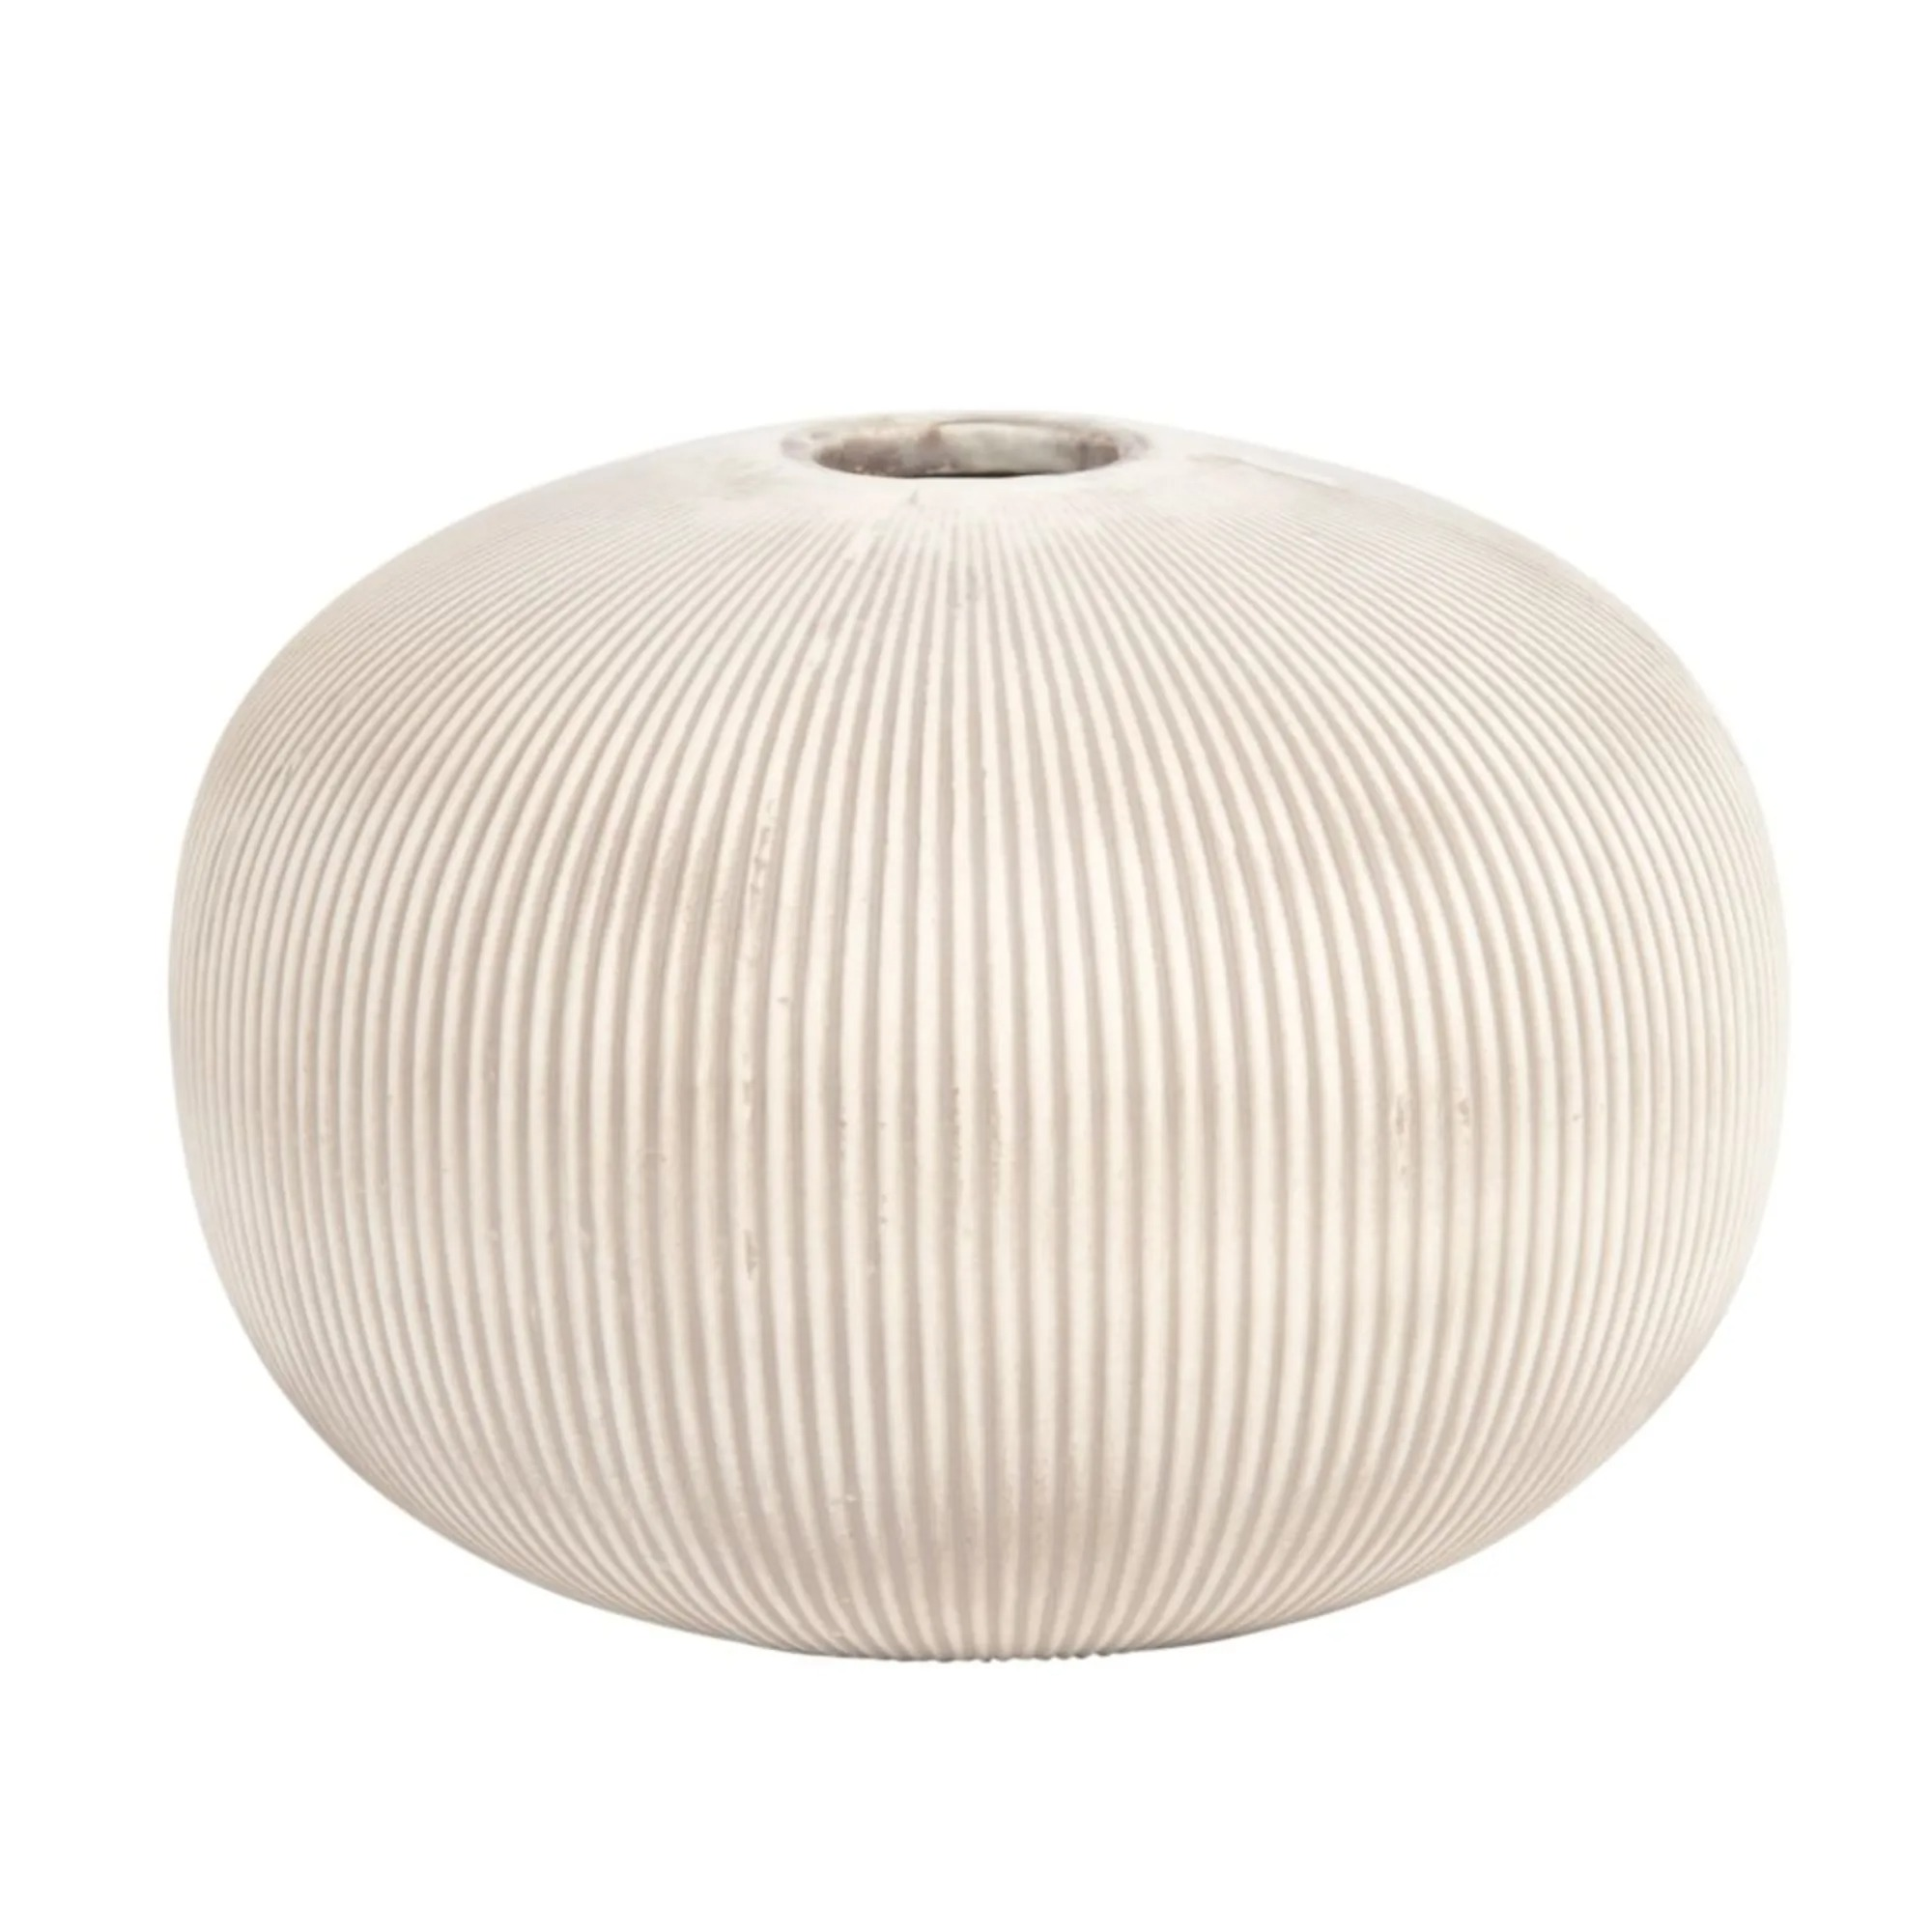 Jarrón de porcelana beige Alt.13